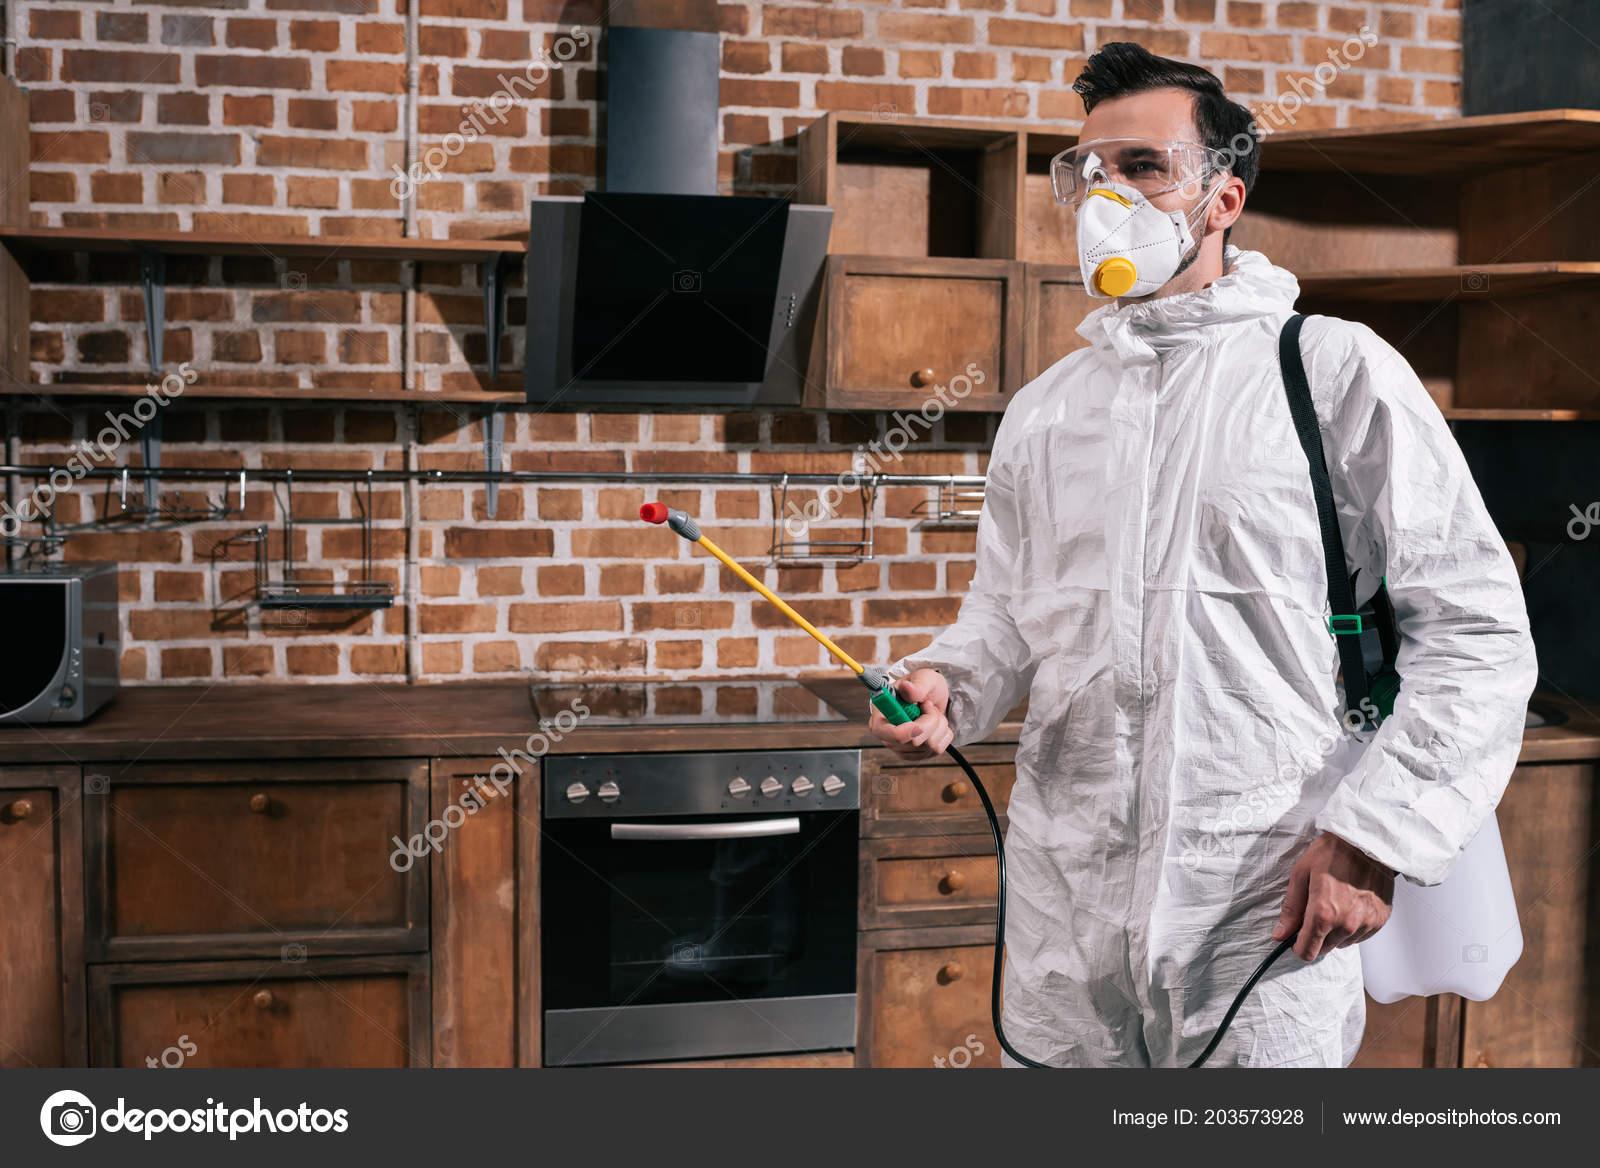 kitchen side sprayer brass pulls 厨房害虫防虫站与喷雾器的侧面观 图库照片 c edzbarzhyvetsky 203573928